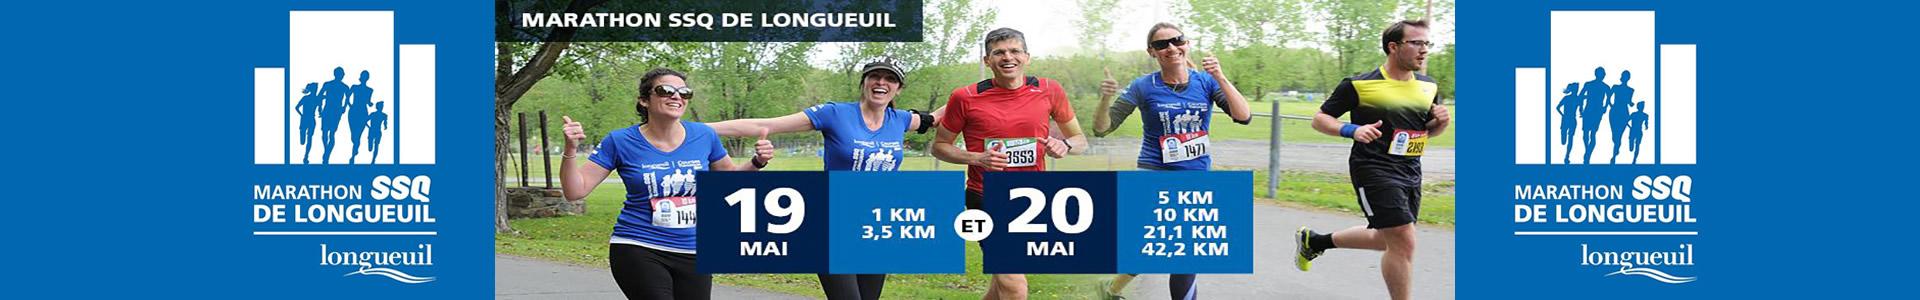 Marathon SSQ de Longueuil